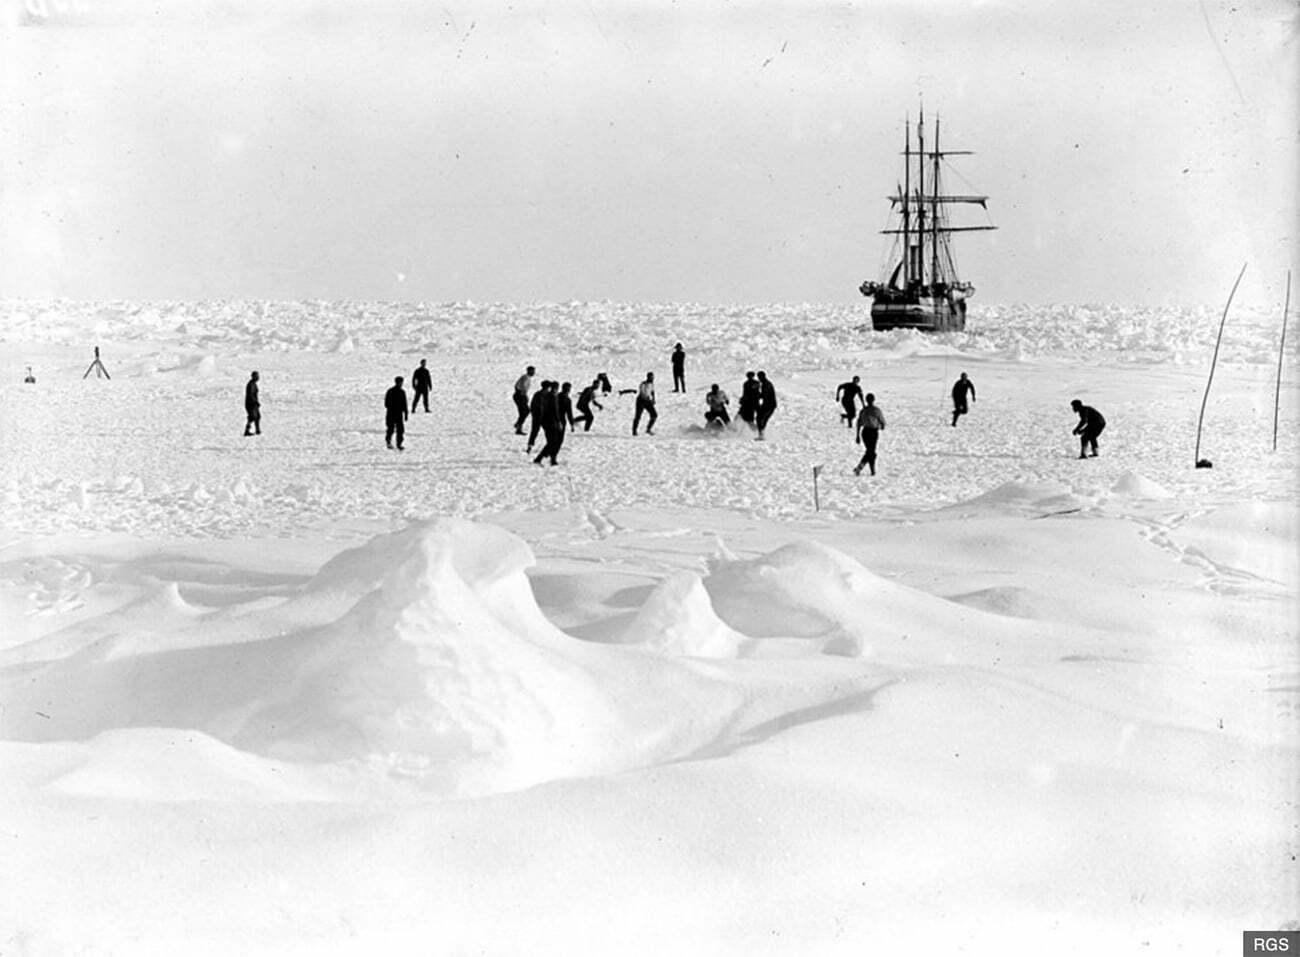 Imagem da tripulação de Ernest Shackleton jogando futebol no gelo